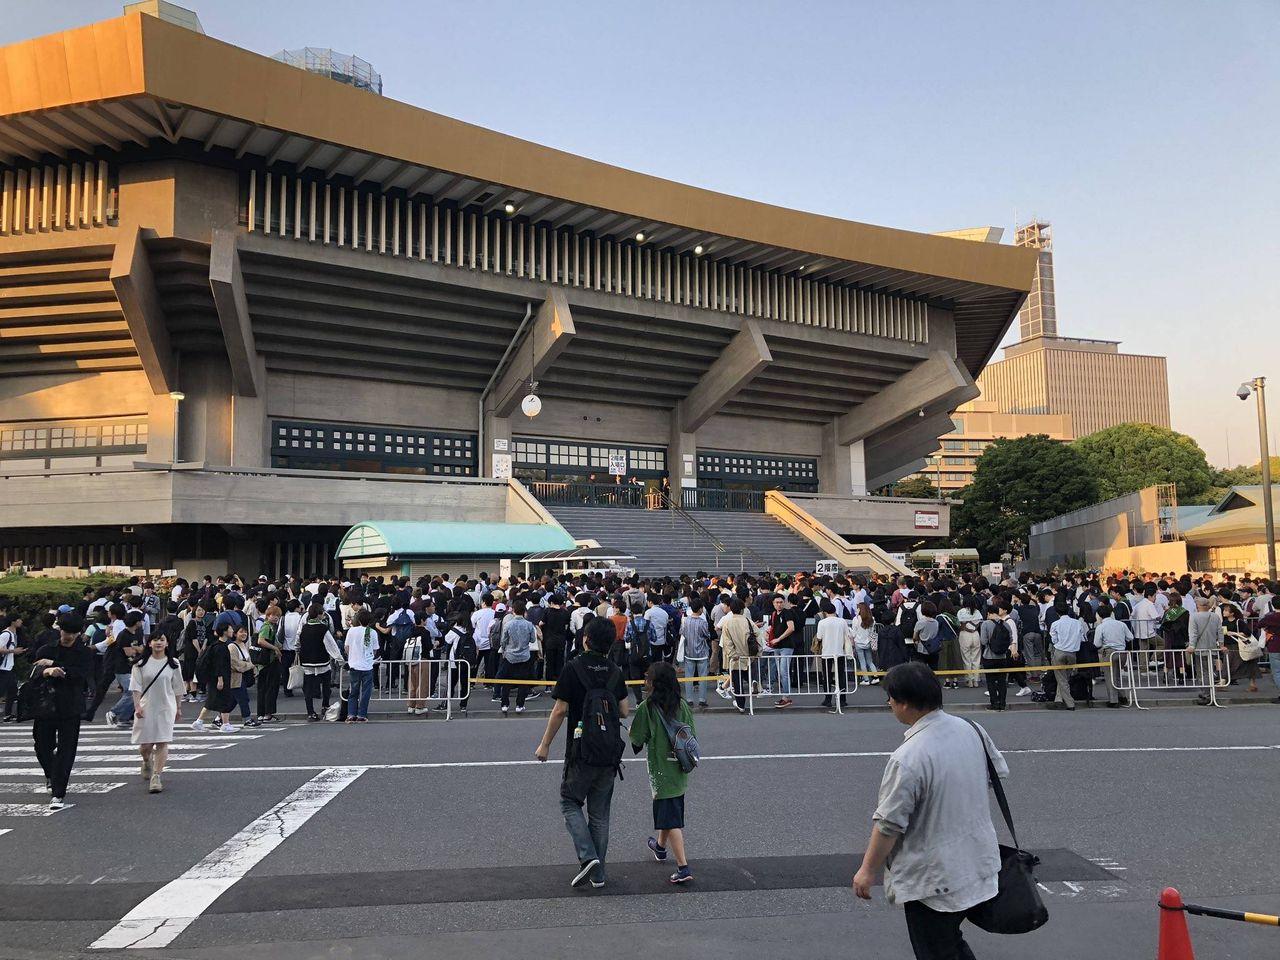 【欅坂46】武道館ライブの音漏れを聴きに集まったファンの数→